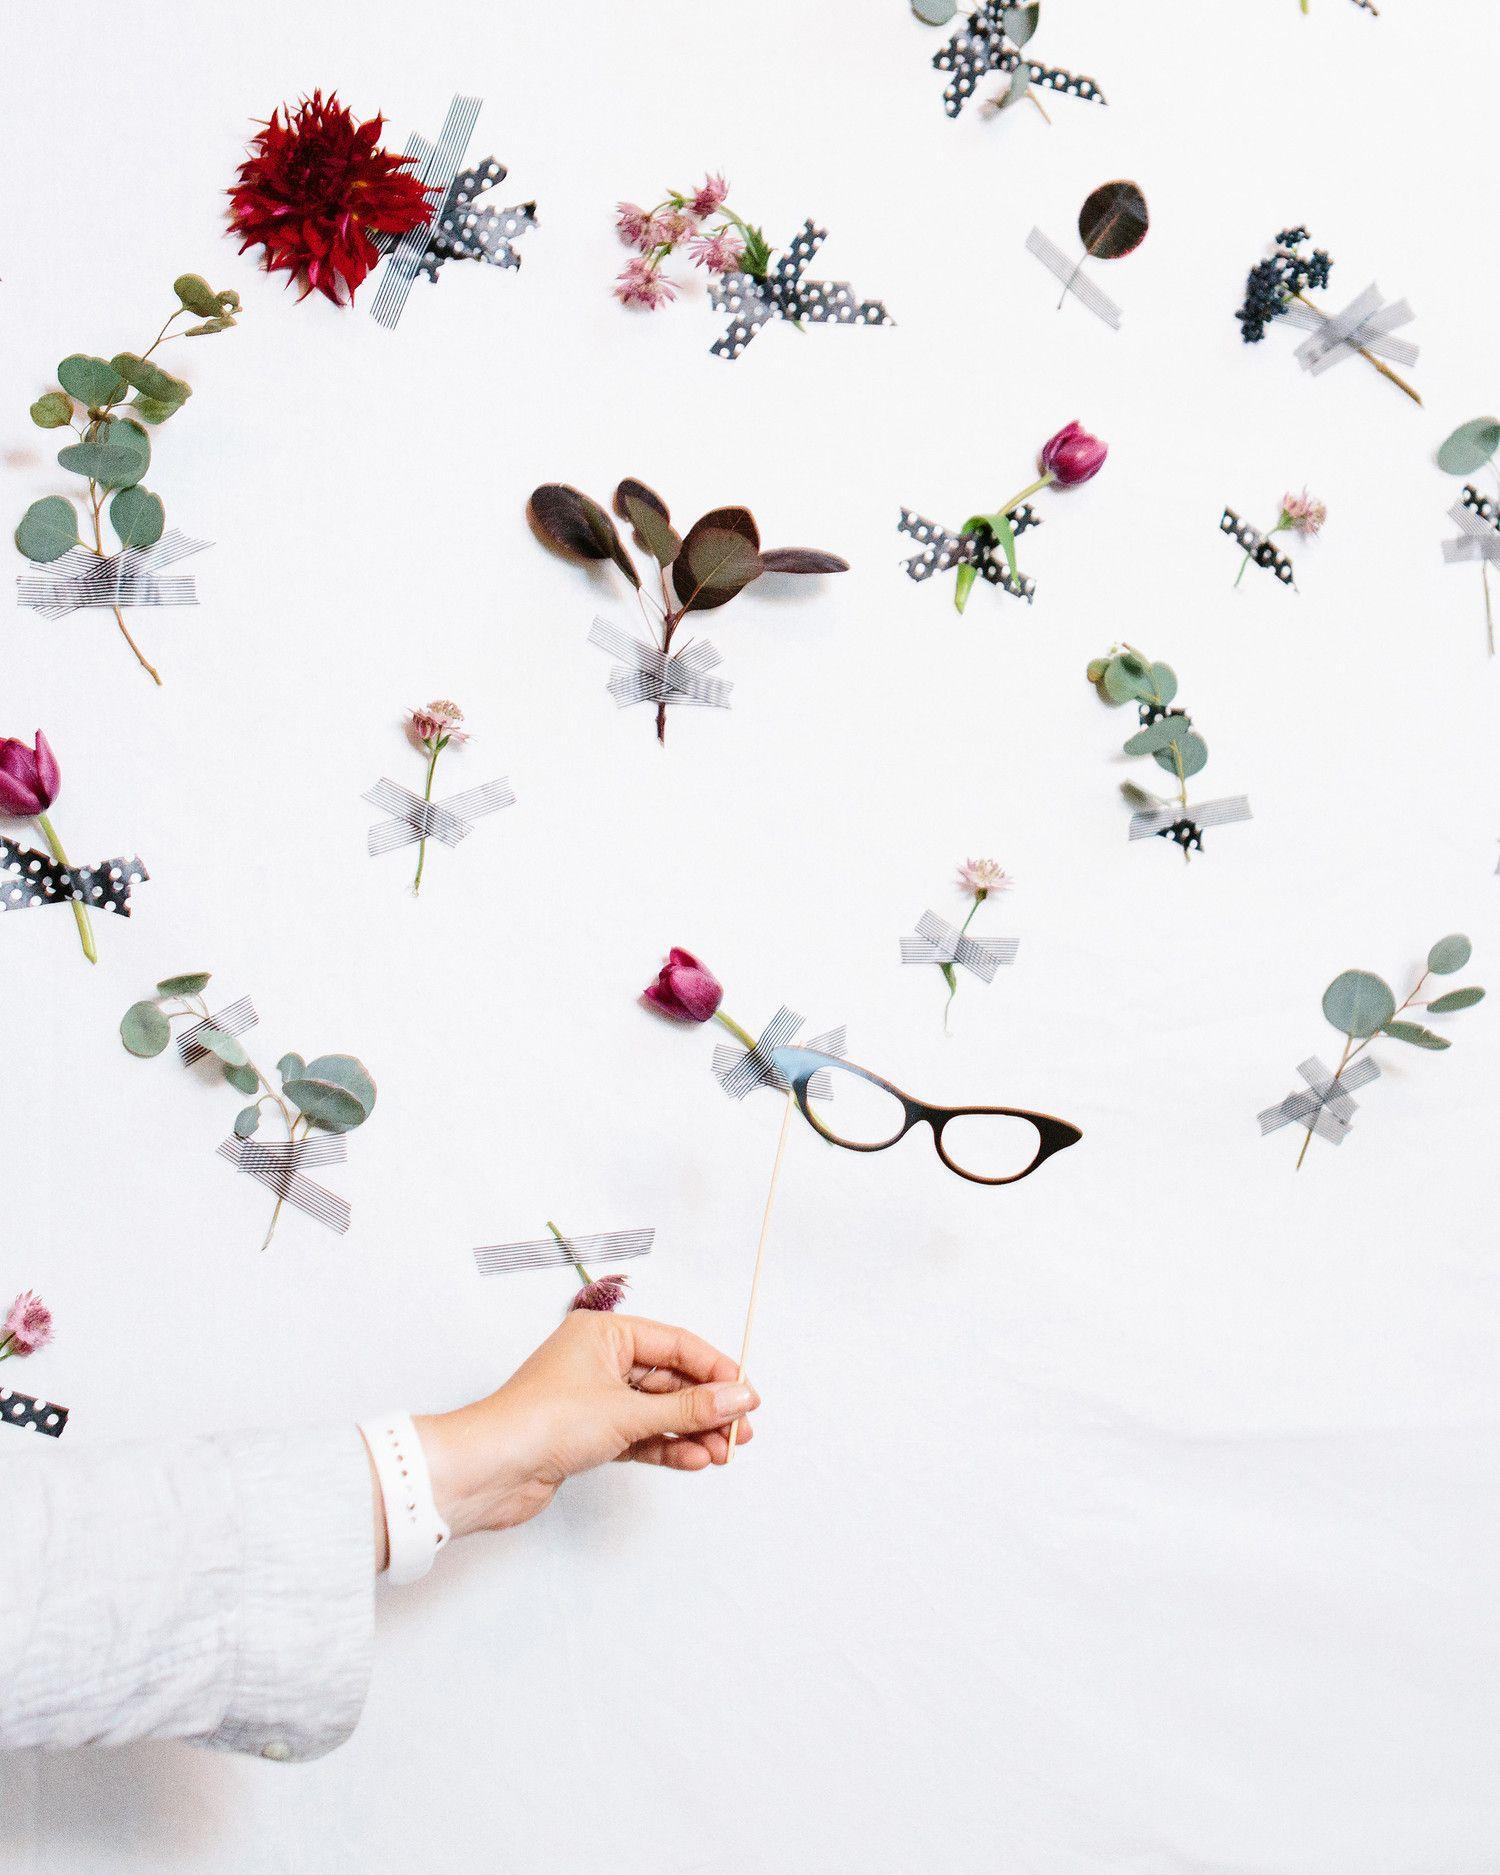 Modern Wedding Backdrop Ideas: A Contemporary Wedding At A Boston Art Museum